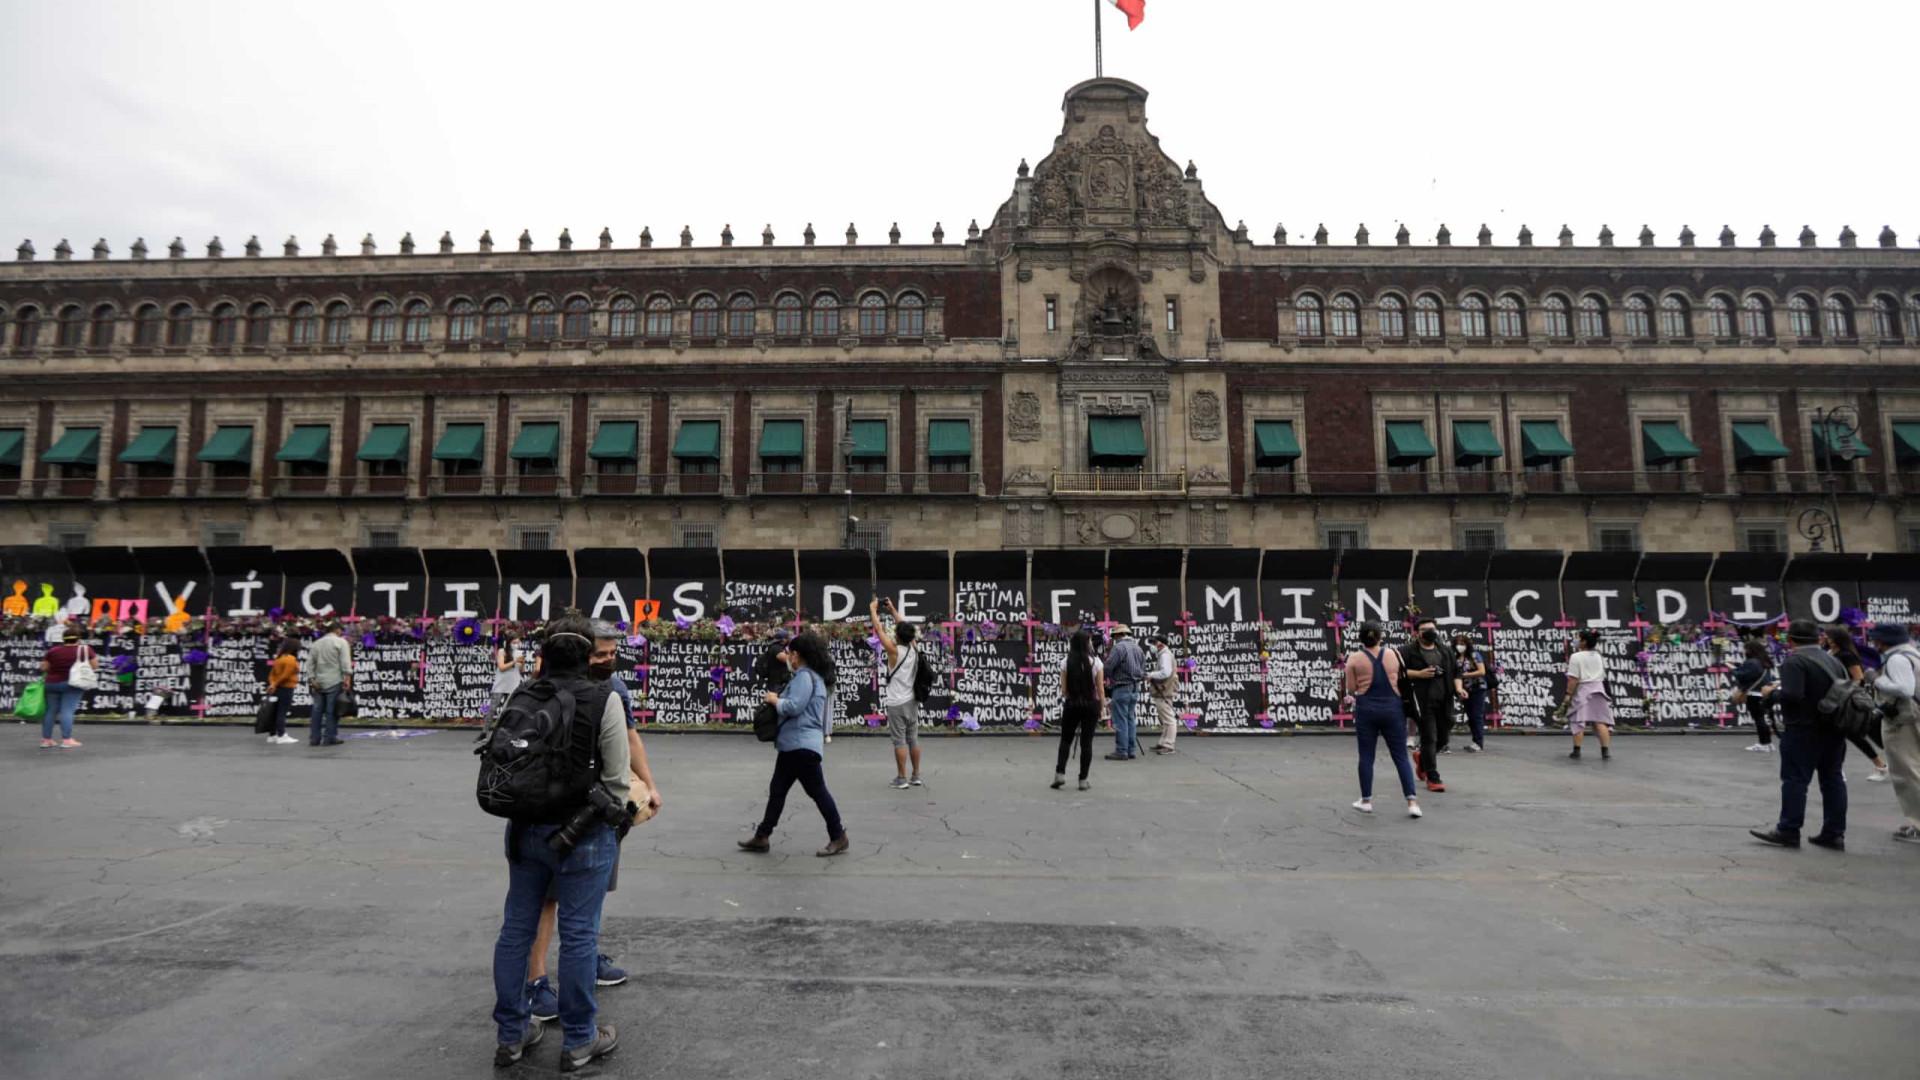 México. Barreira transformada em mural de homenagem a mulheres mortas